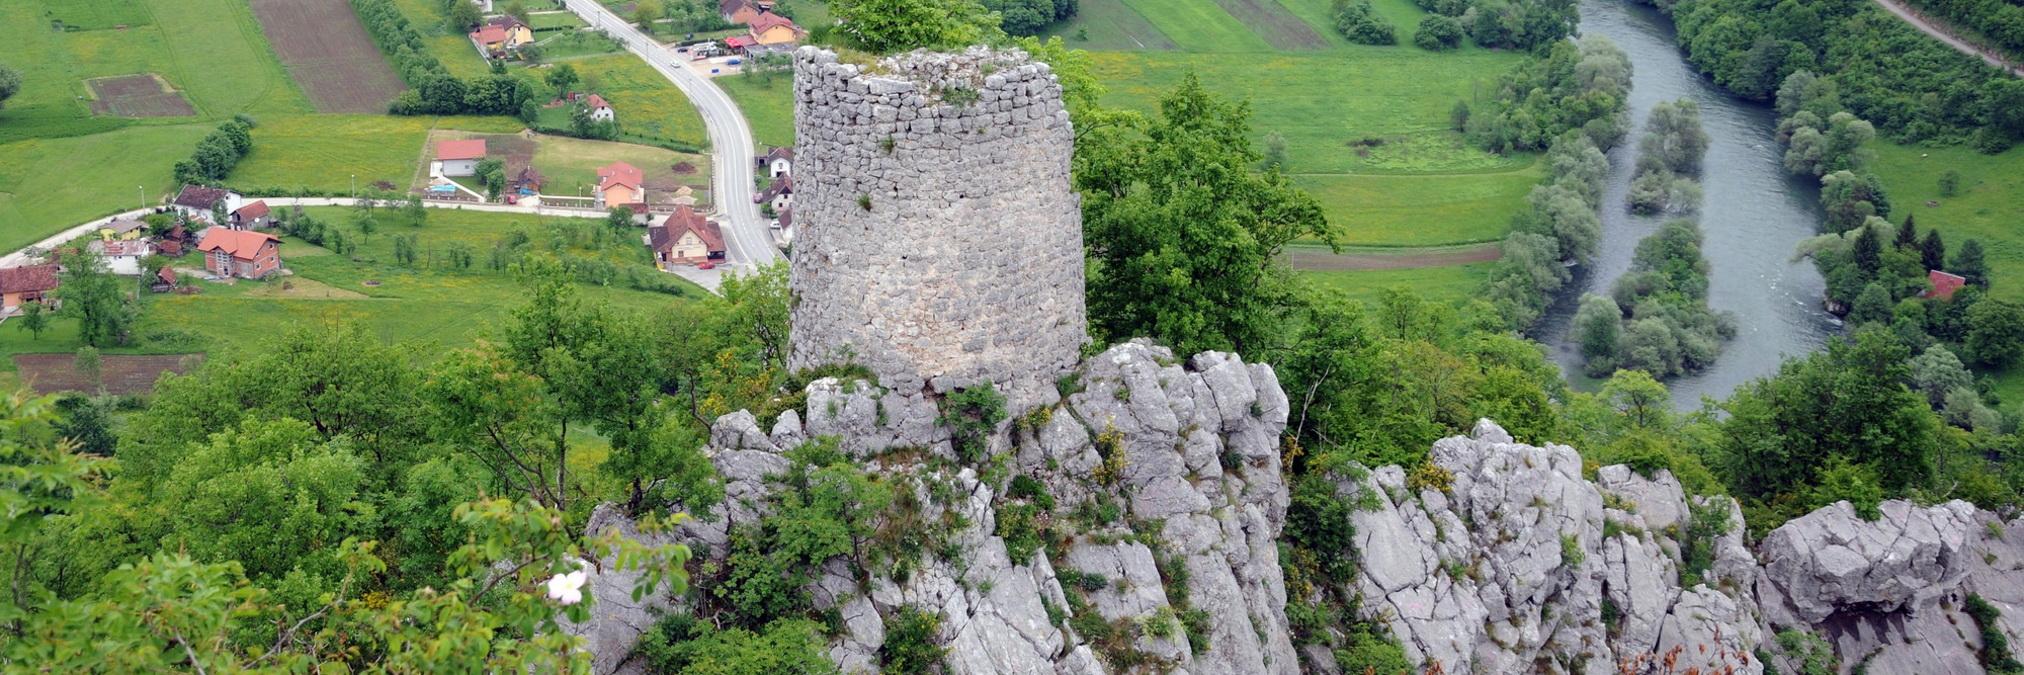 Крепость Гребен. Фото: Darko Gavric, CC-BY-SA-3.0